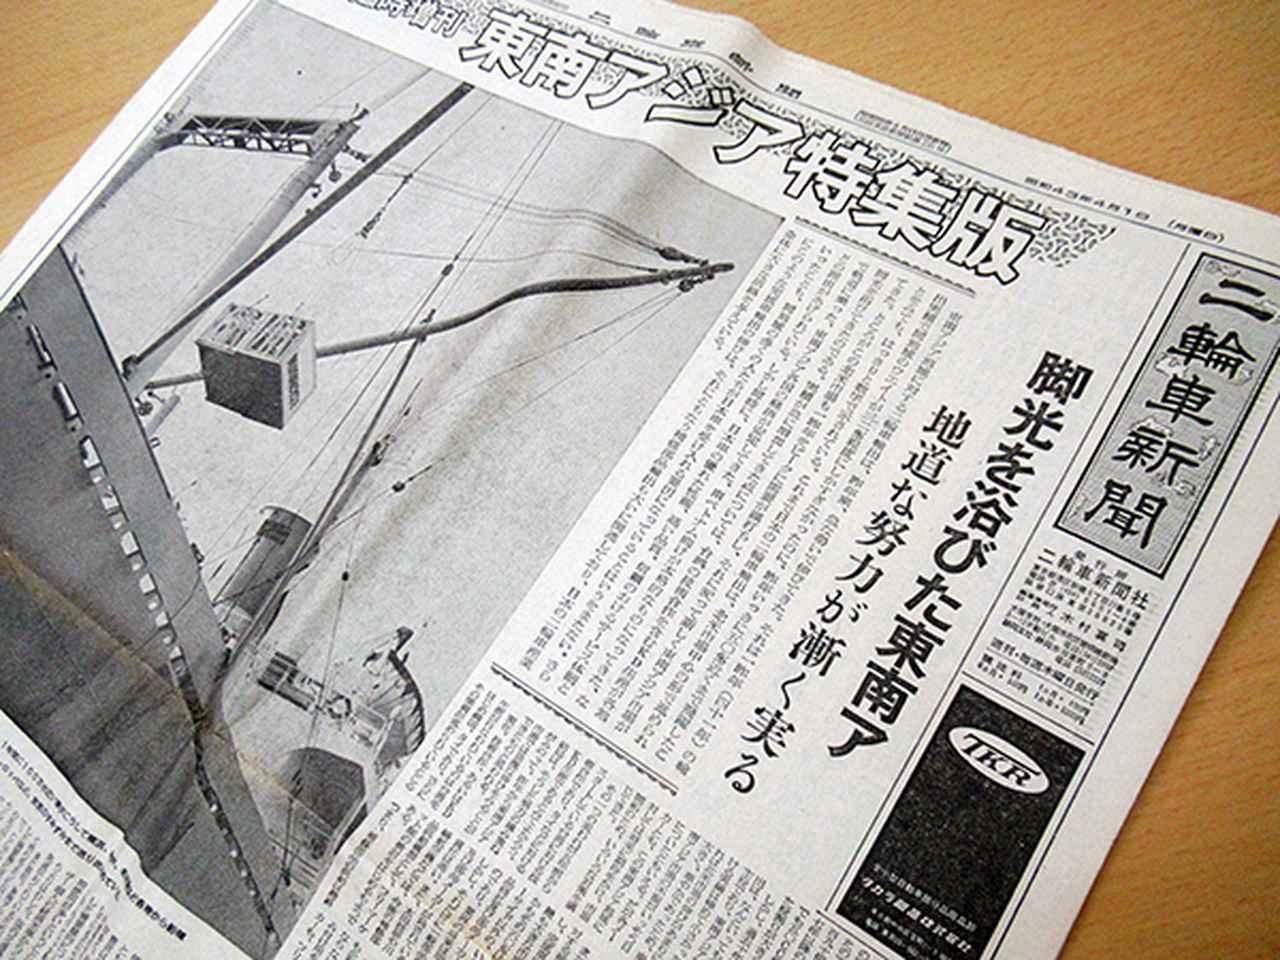 画像: 昭和43年4月1日付の二輪車新聞「東南アジア特集版」より